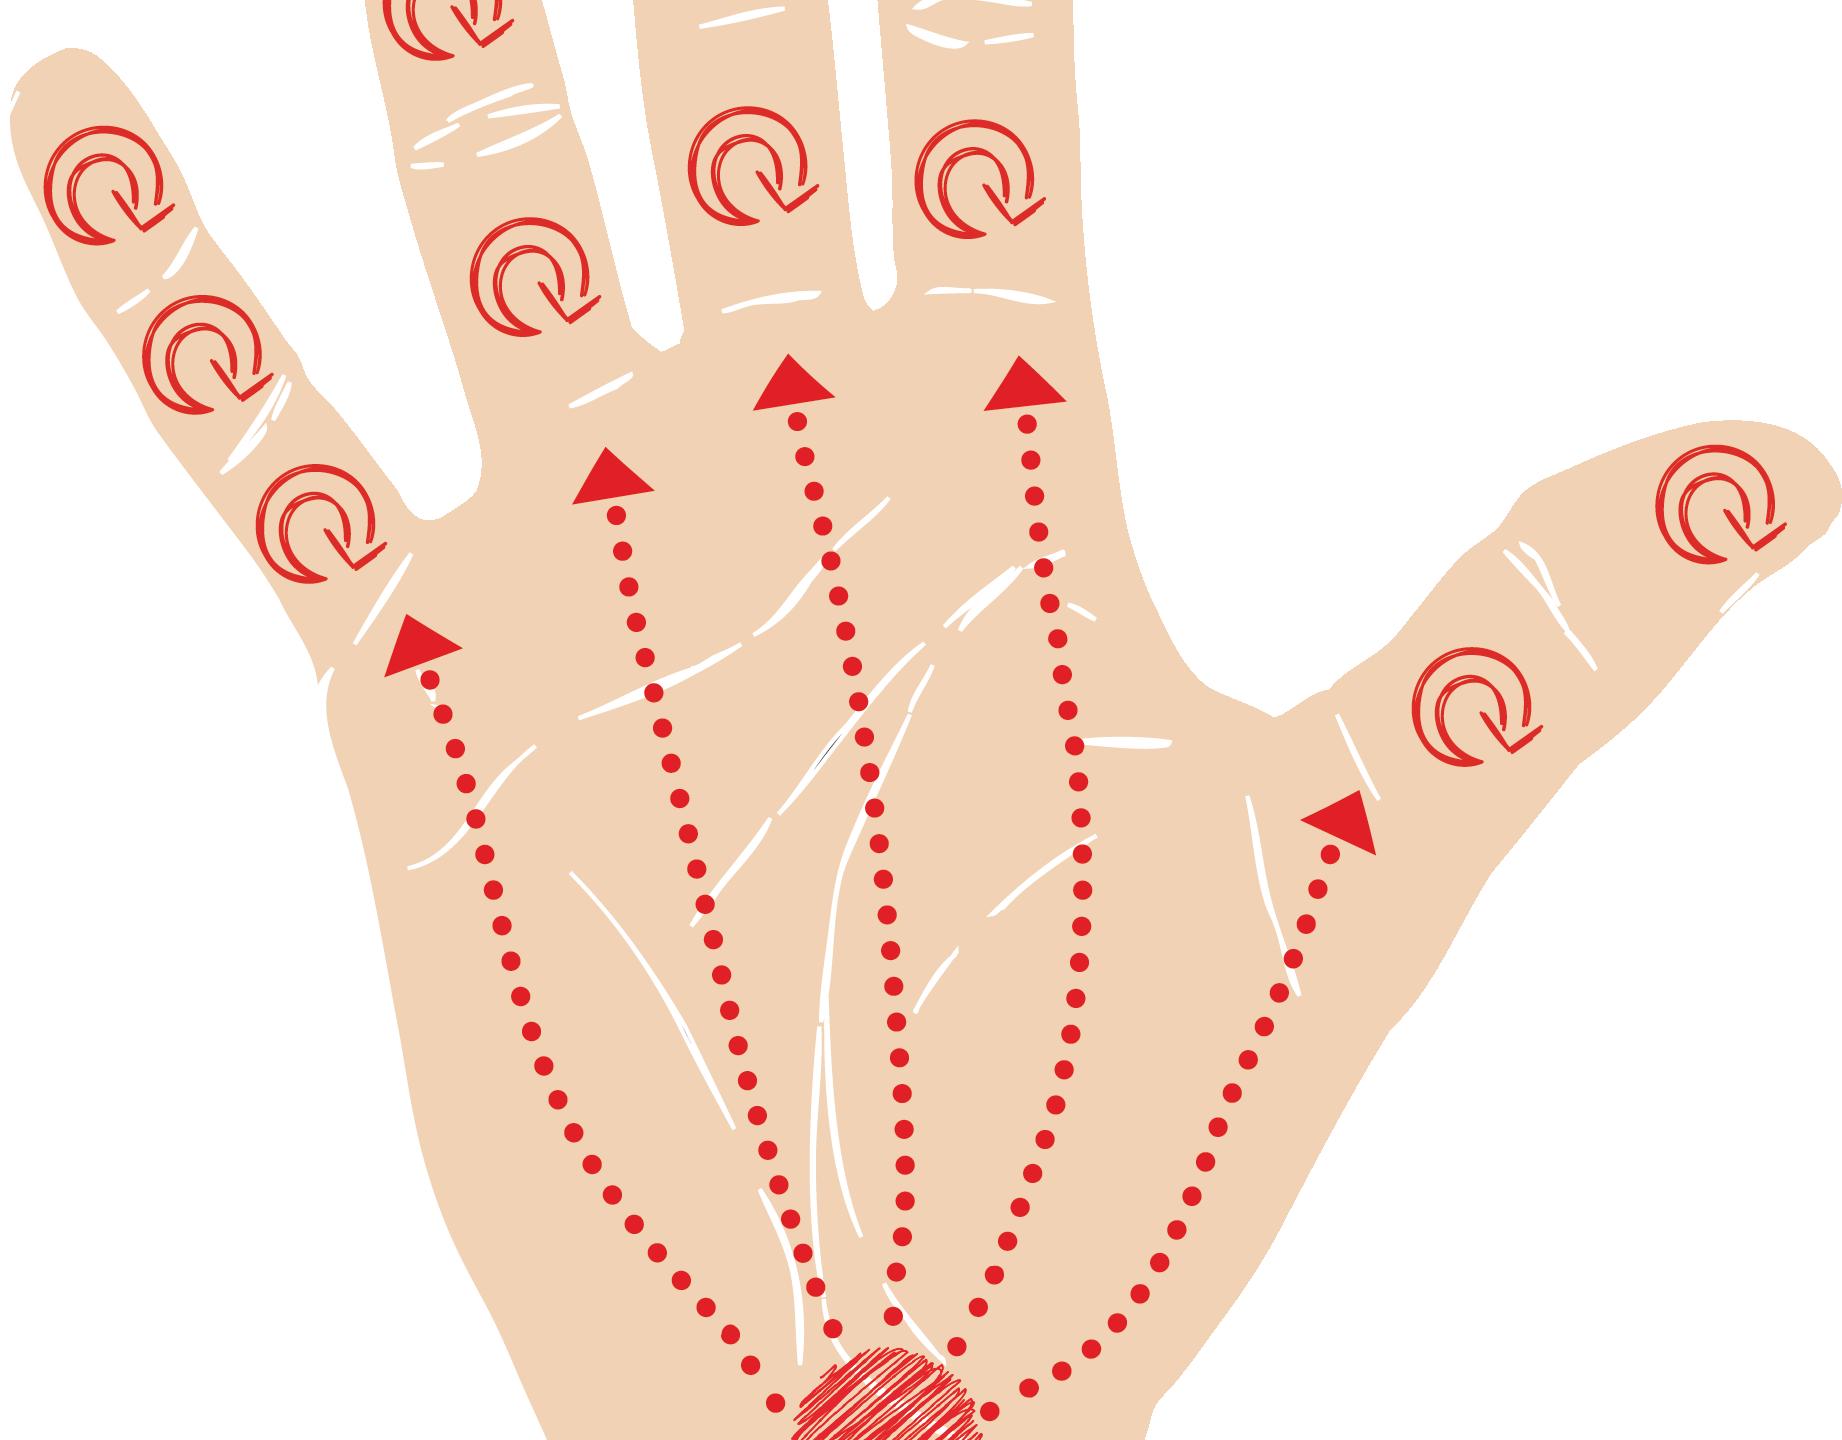 Palm Hand Massage acupressure clivewitha